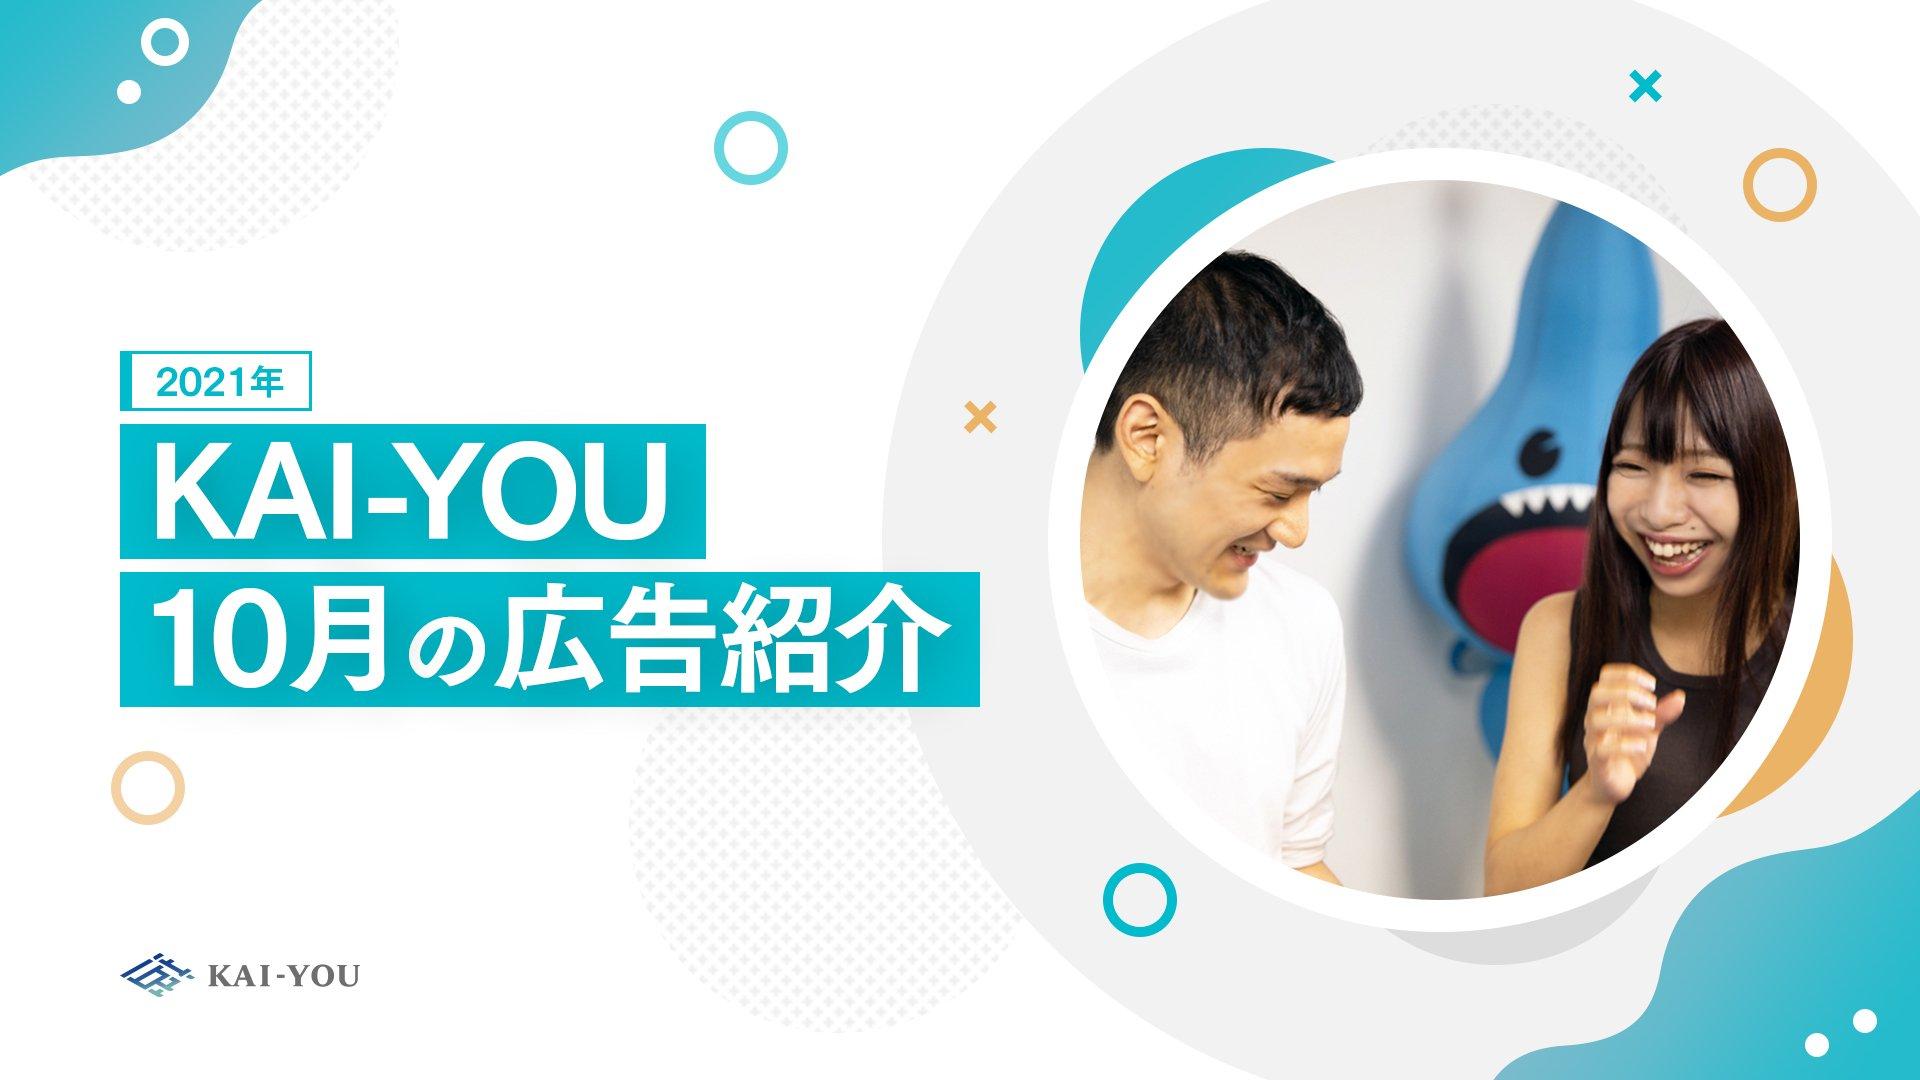 KAI-YOU 広告事例のご案内   2021年10月